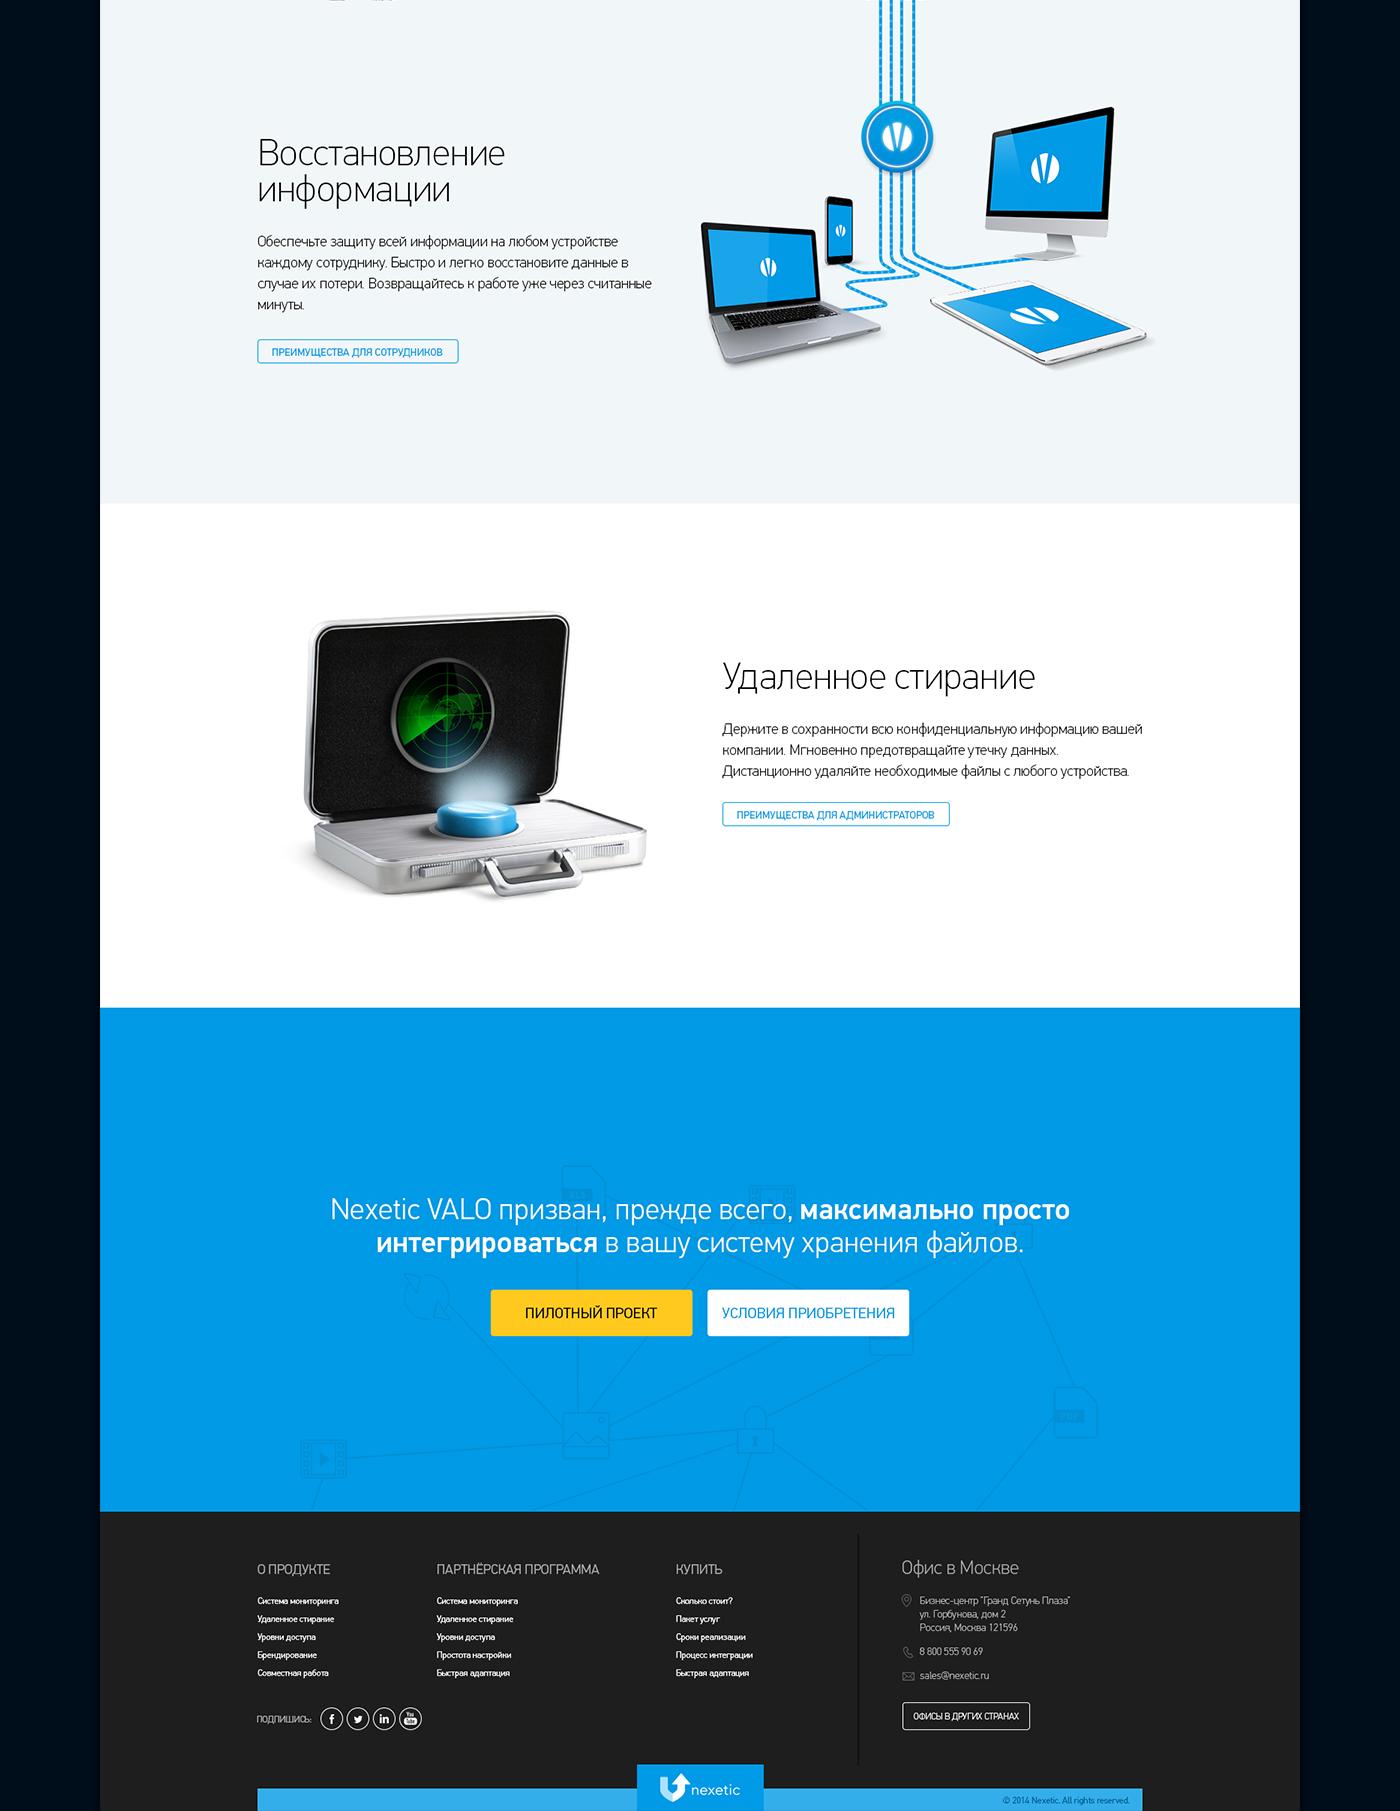 backup back up back-up illustrations animate product tool Valo nexetic